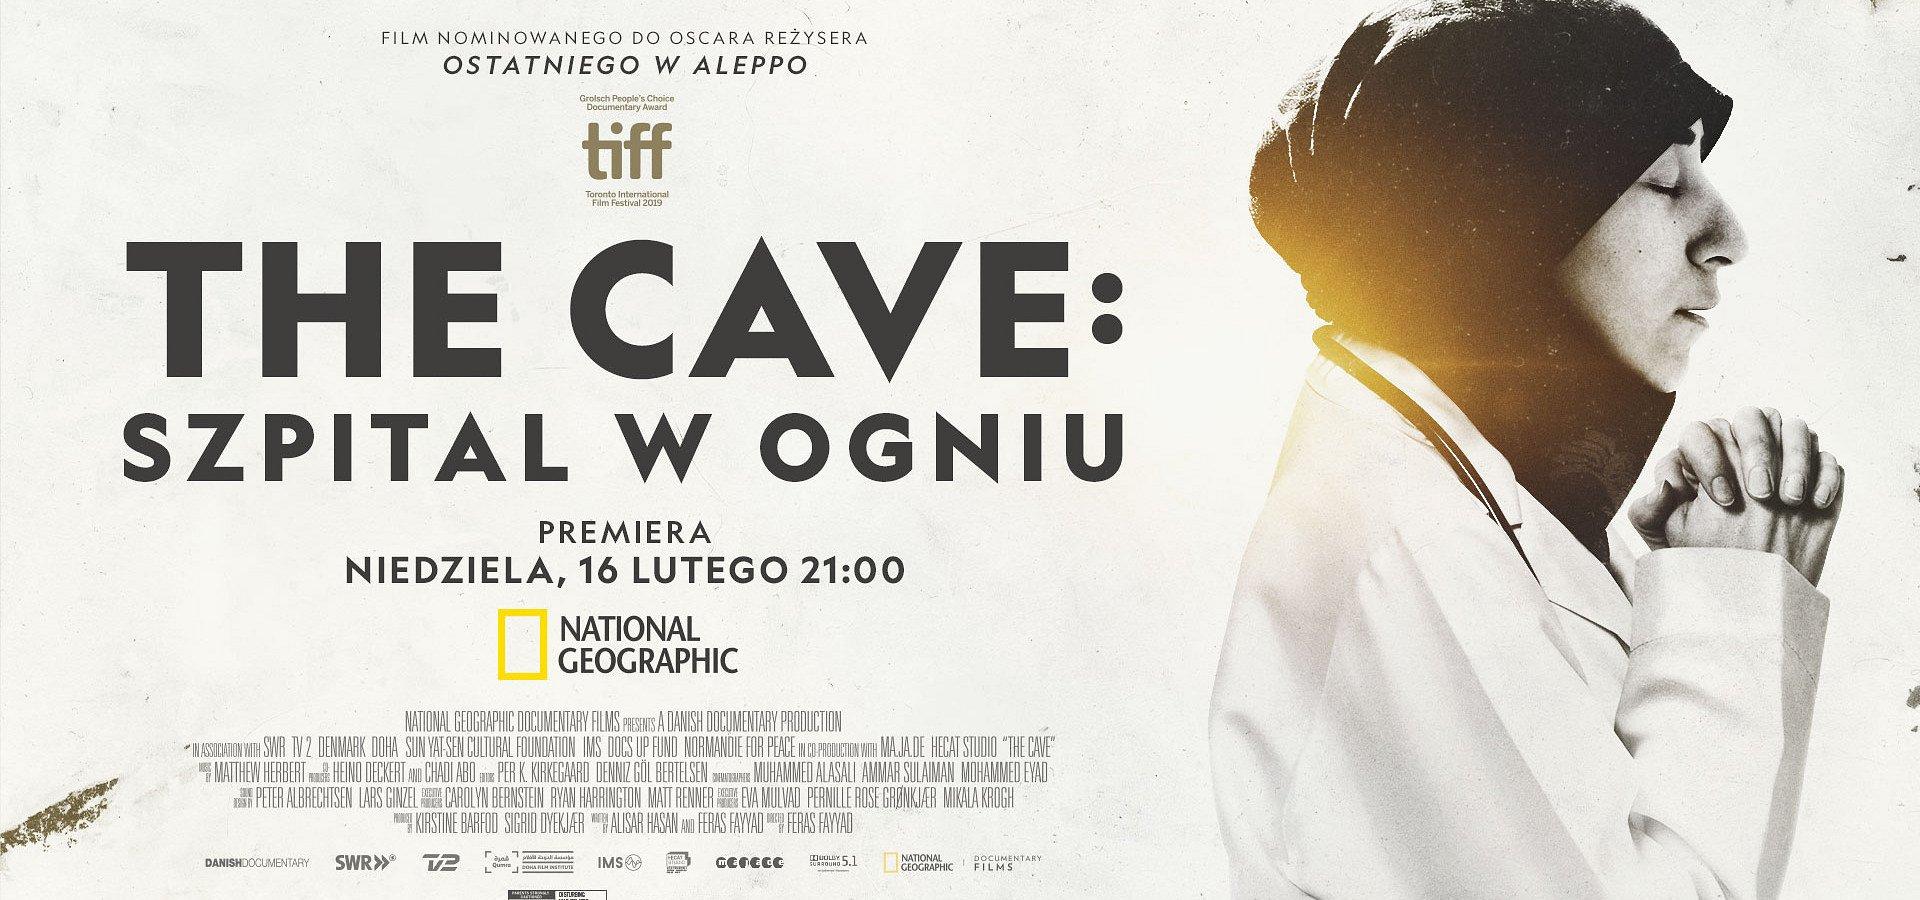 """Nominowany do Oscara dokument """"The Cave: szpital w ogniu"""" już w najbliższą niedzielę na kanale National Geographic"""